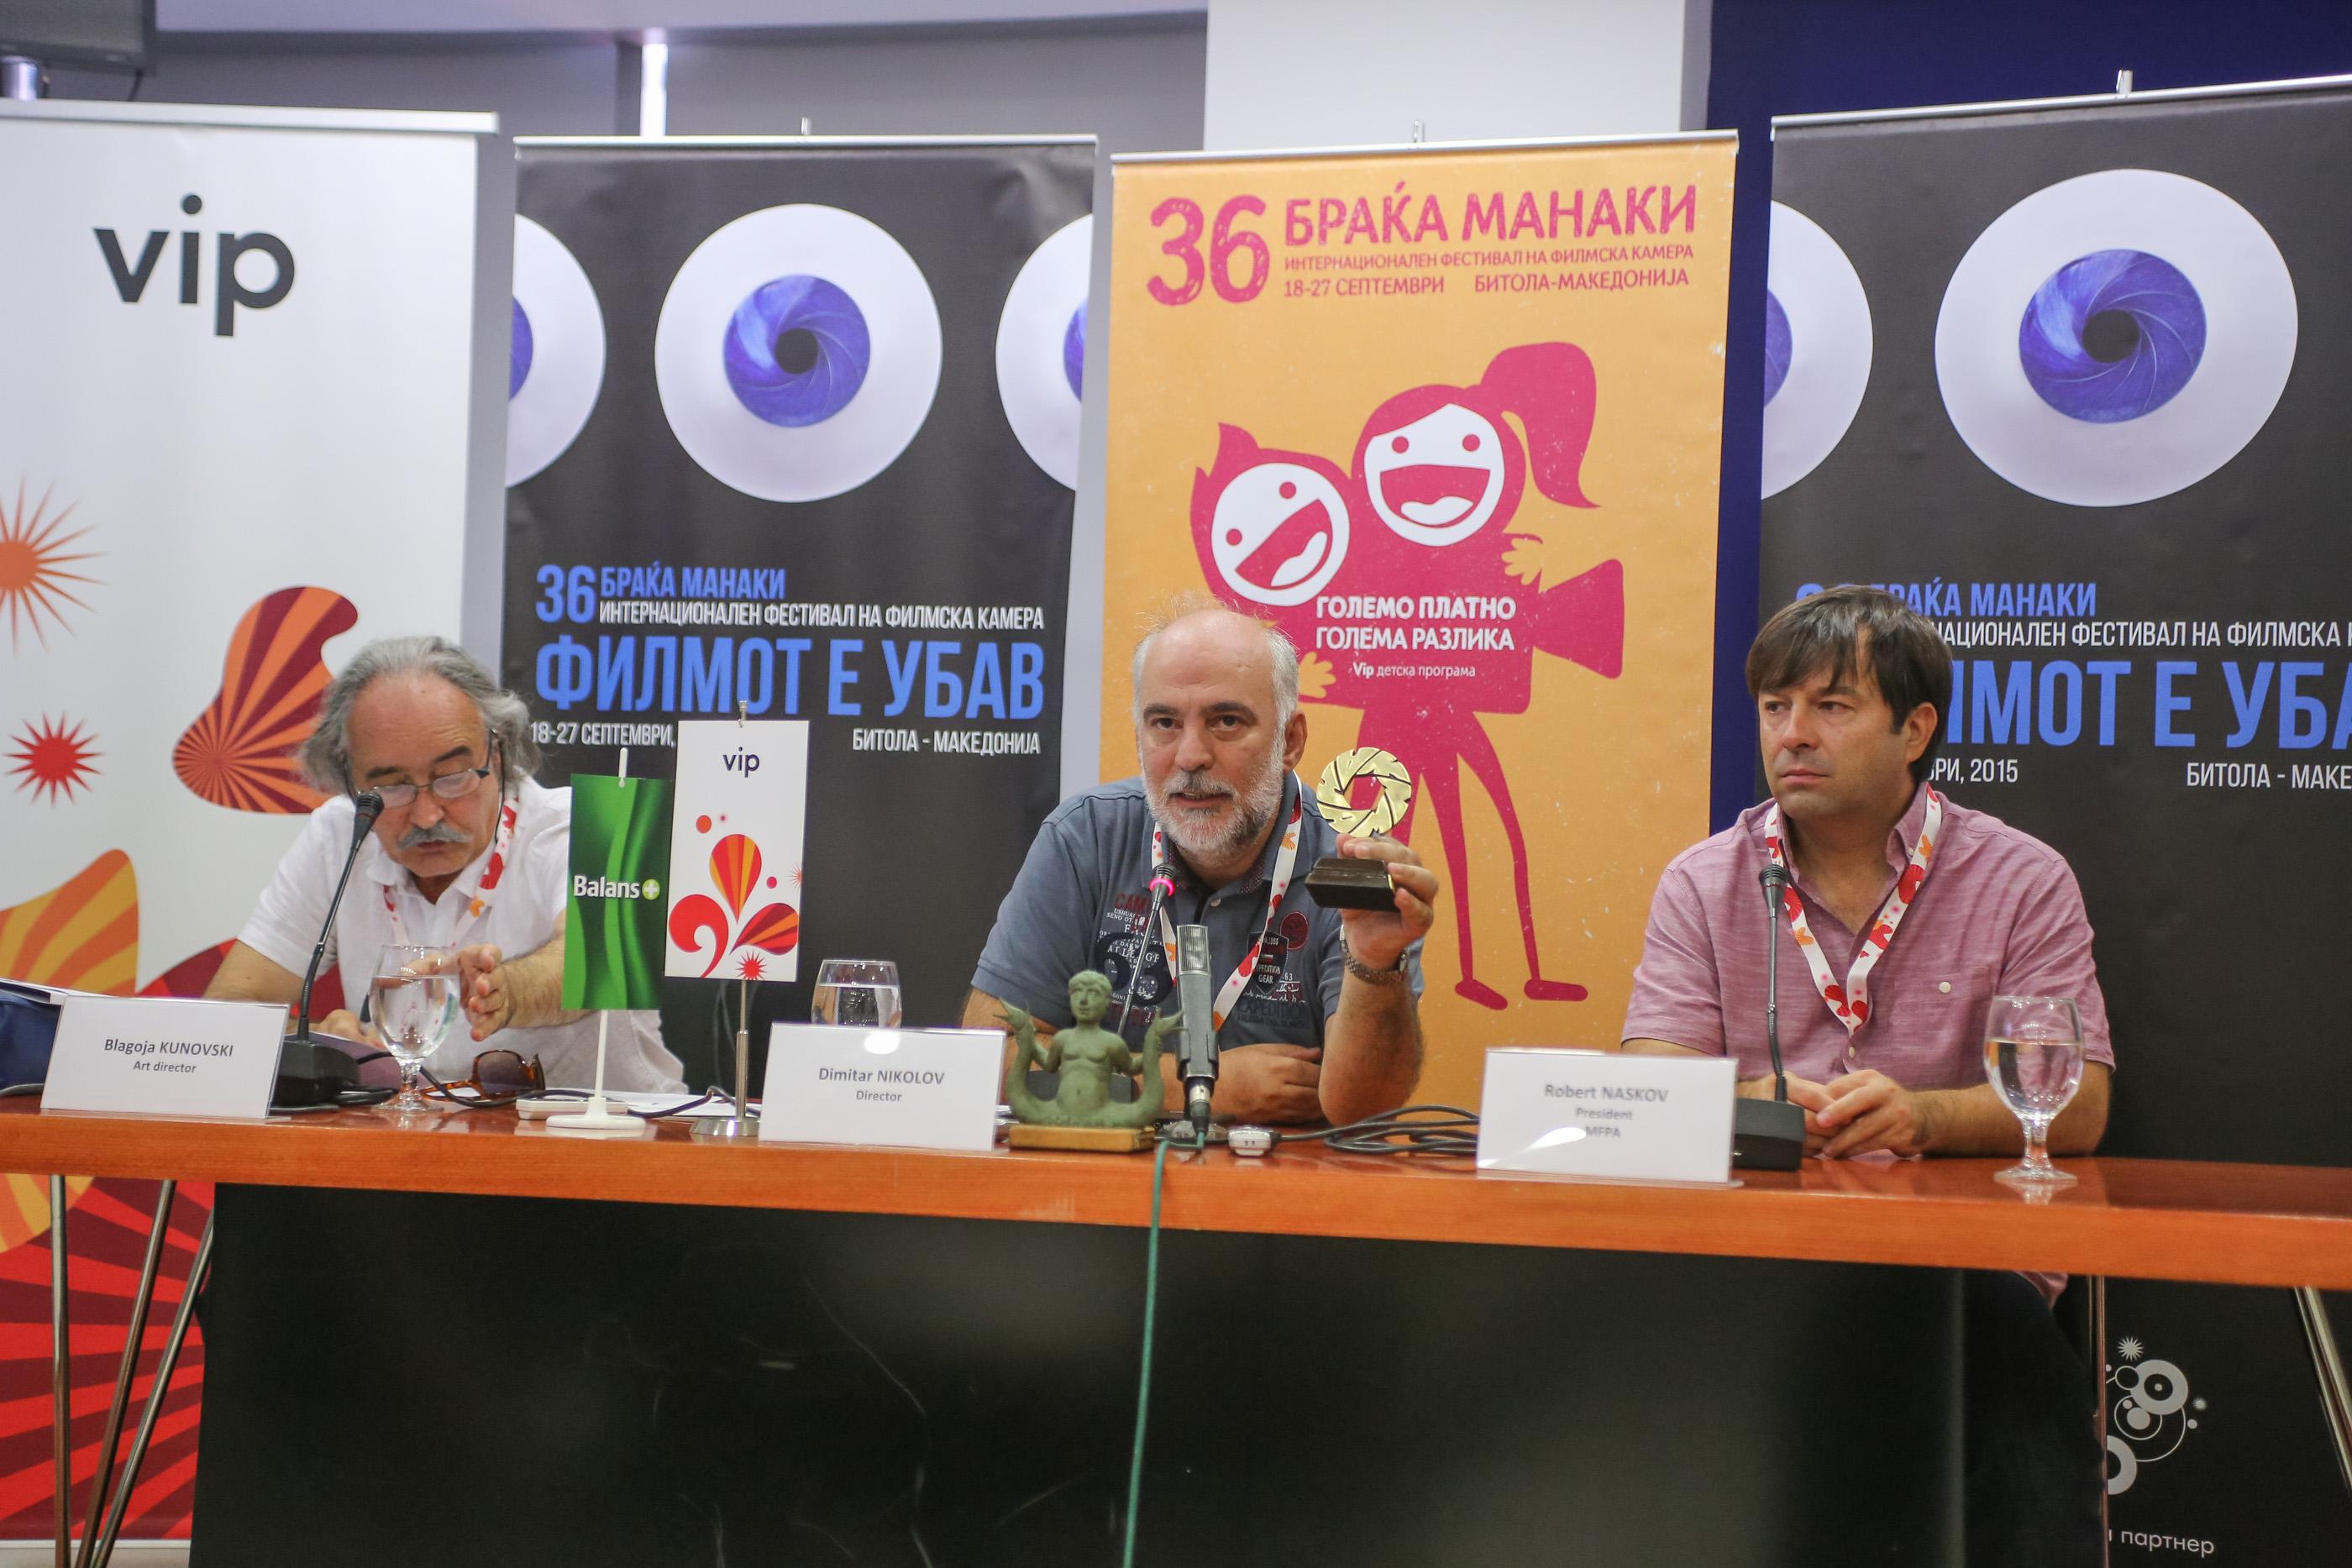 """Фестивалот """"Браќа Манаки"""" од 18 до 27 септември во Битола"""